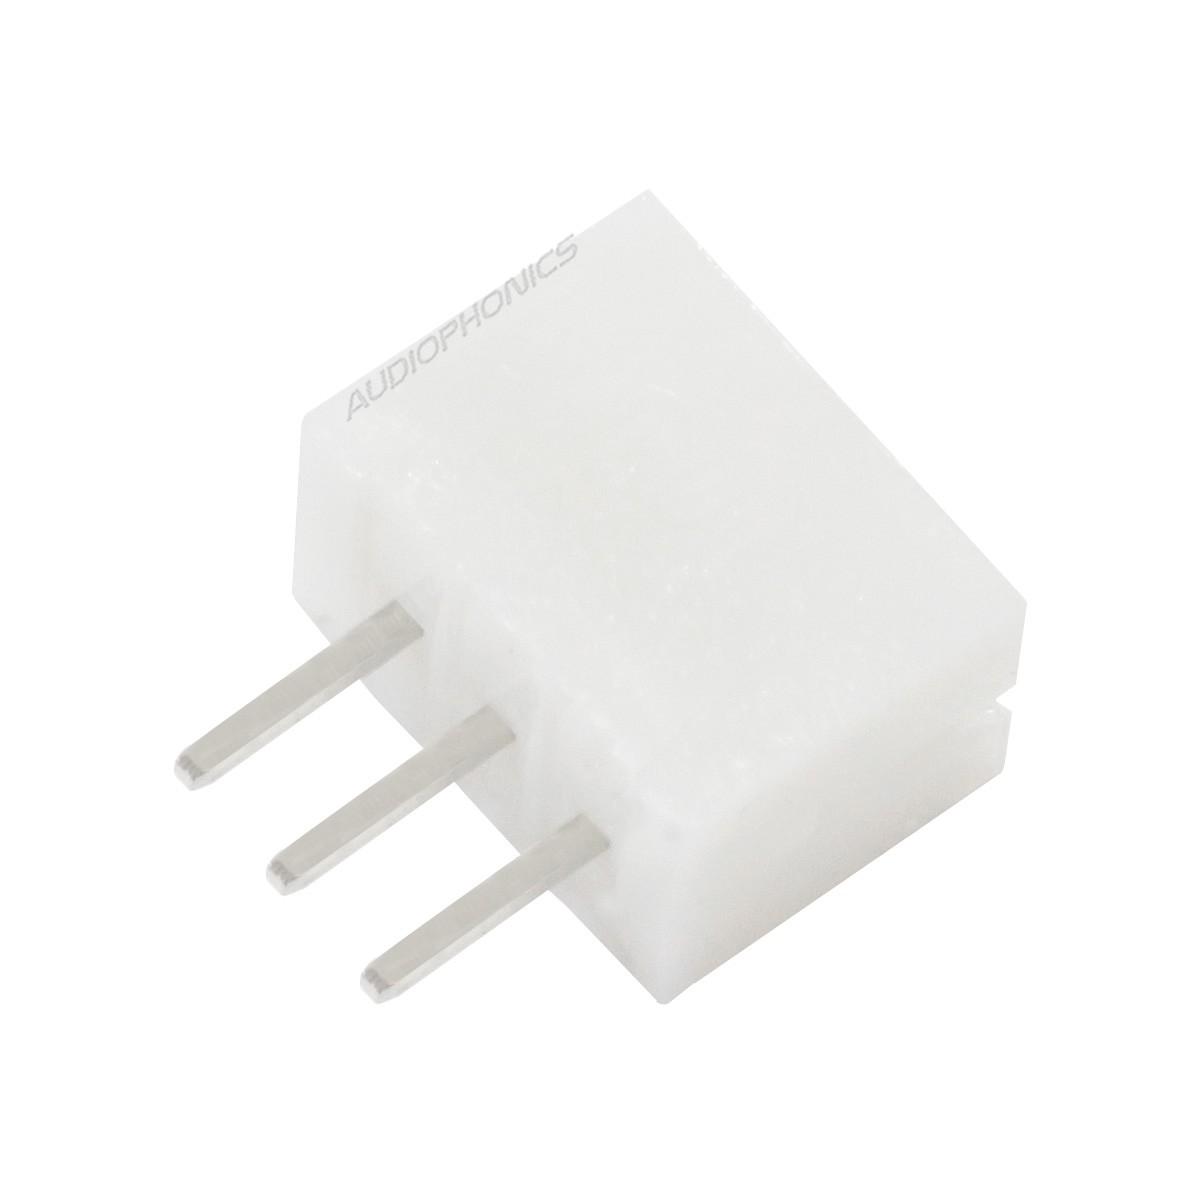 Connecteur Embase PH 2.0mm Mâle 3 Voies Blanc (Unité)